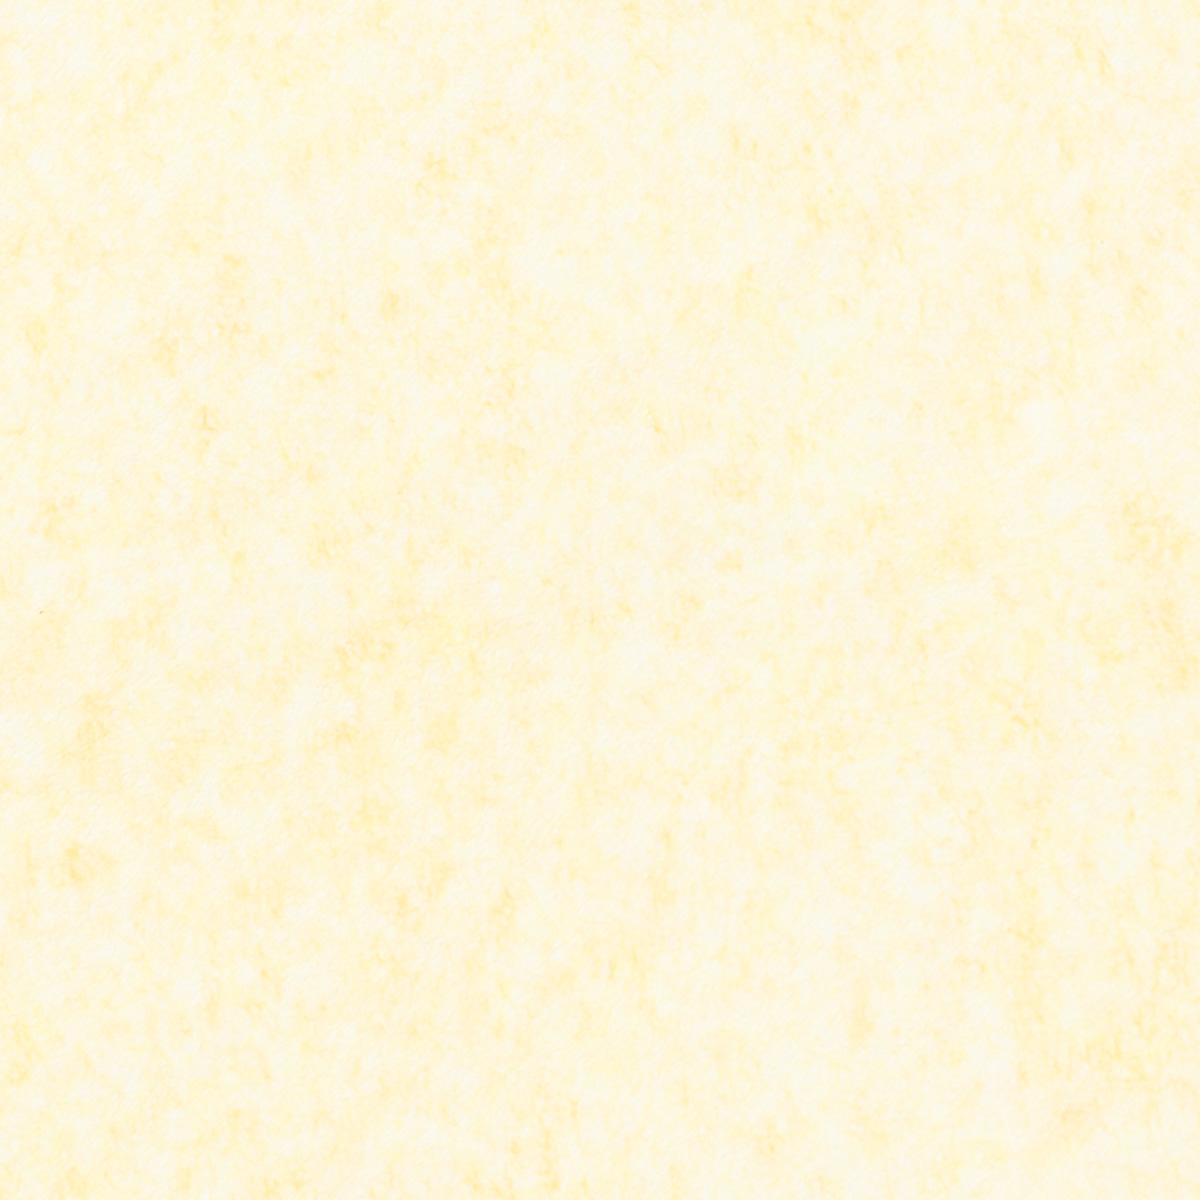 典具帖紙 ふぶき染 No.5